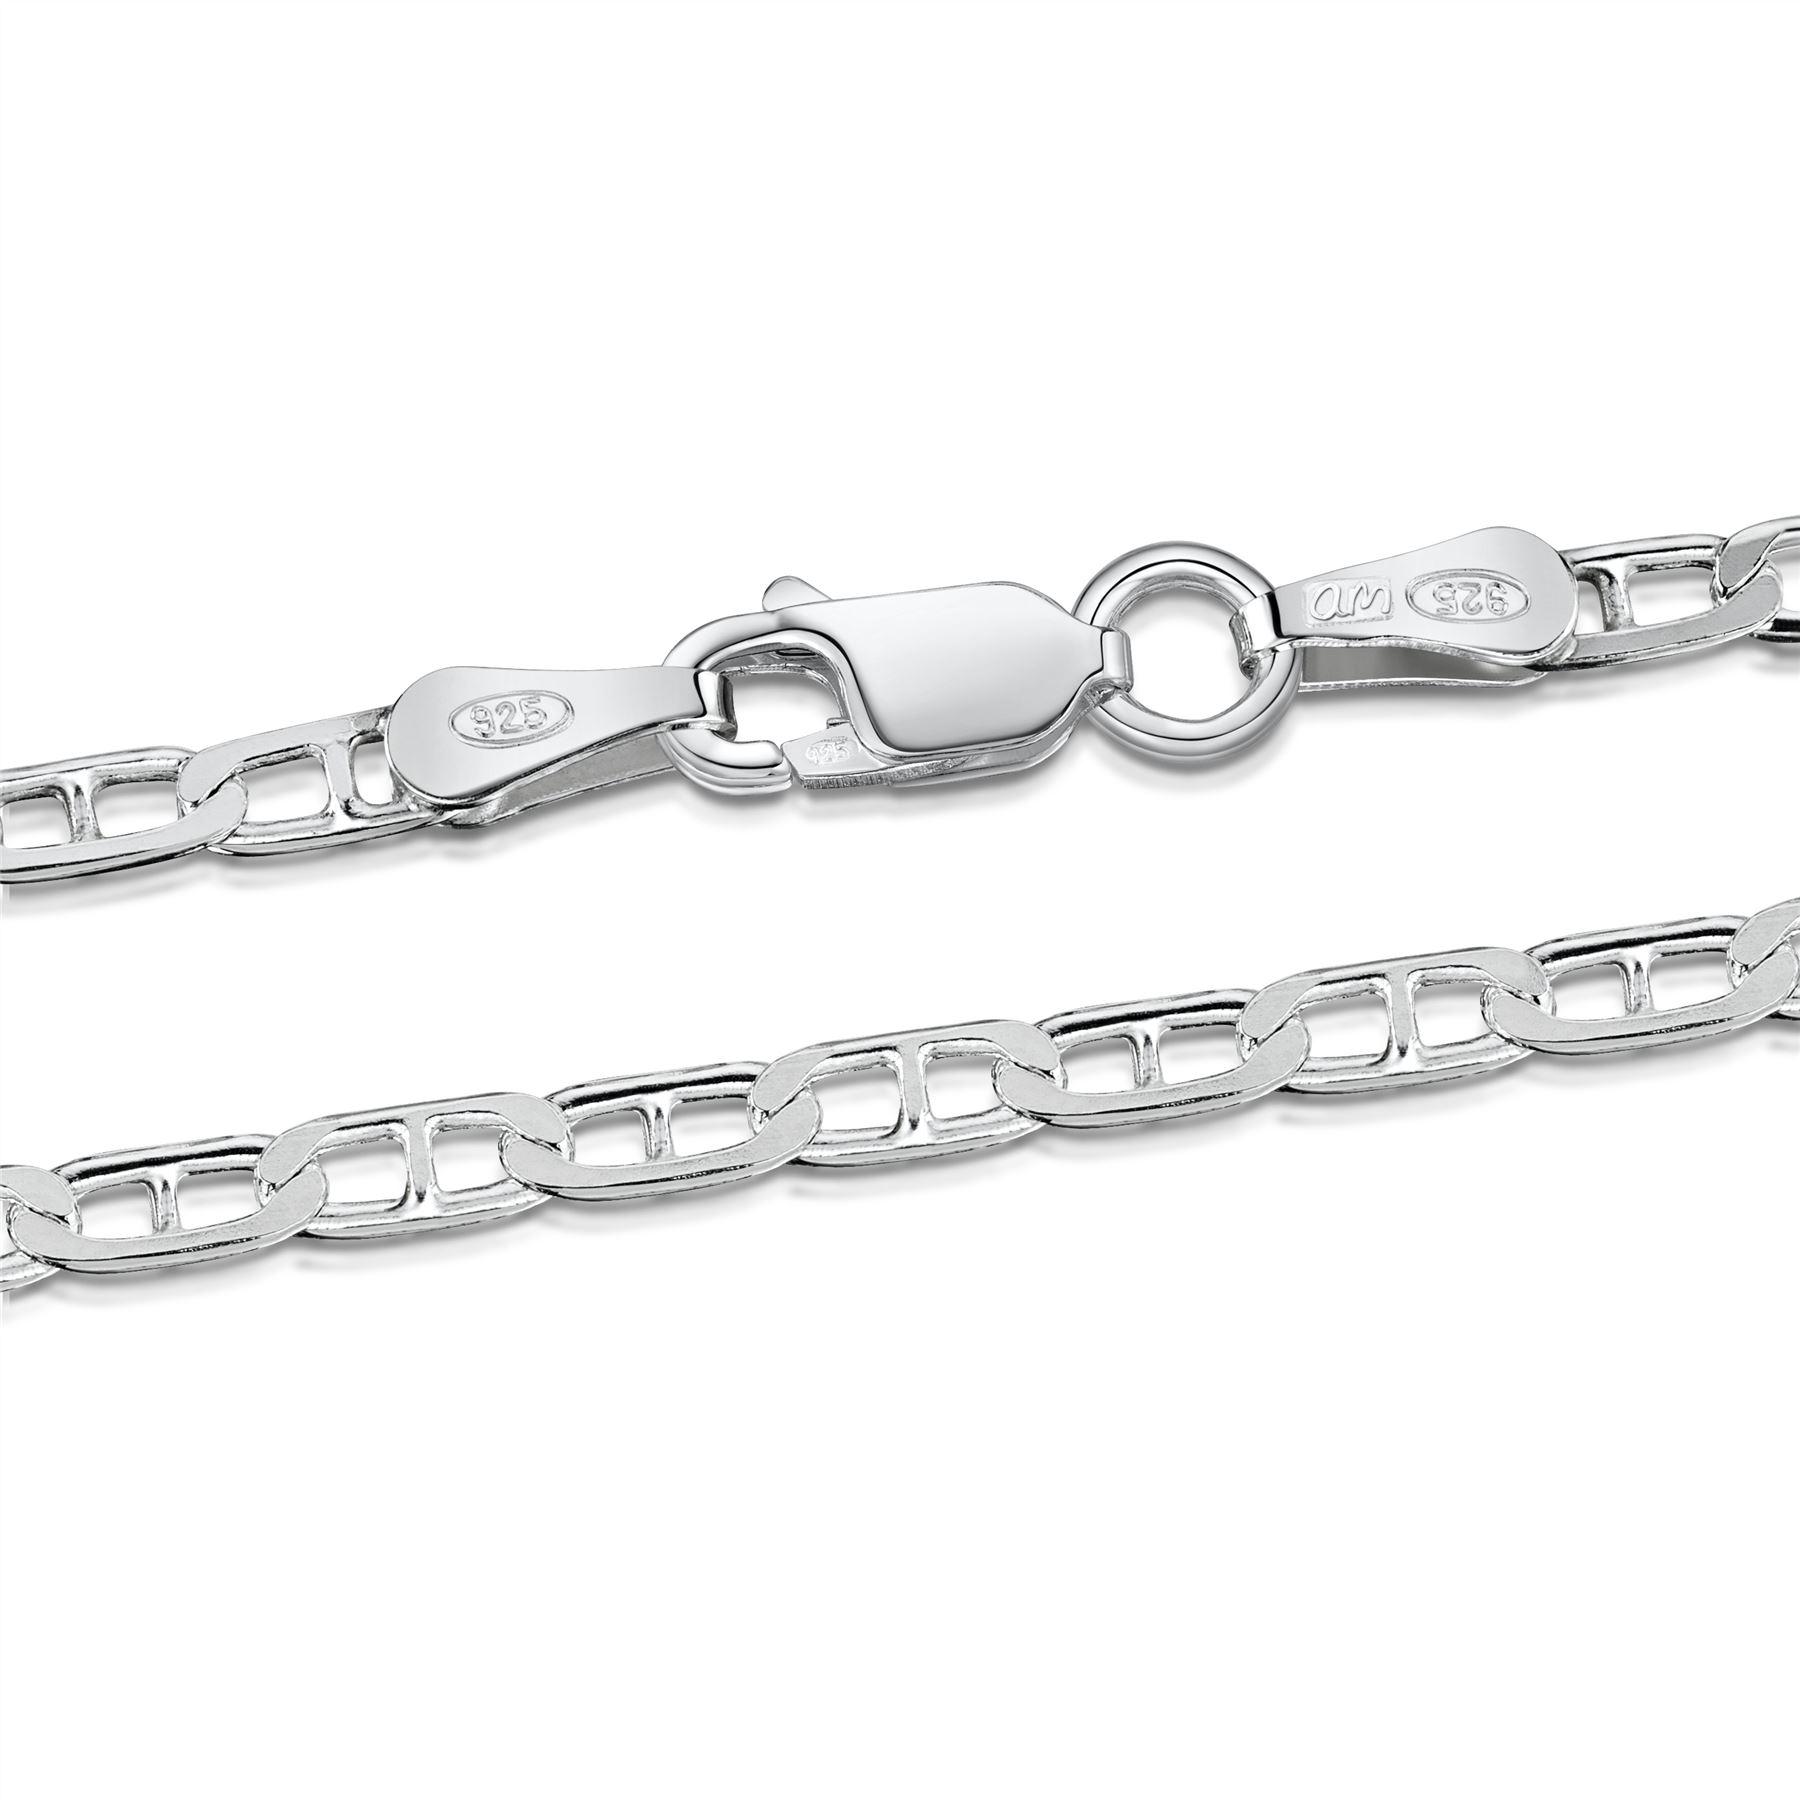 Amberta-Bijoux-Bracelet-en-Vrai-Argent-Sterling-925-Chaine-pour-Femme-a-la-Mode thumbnail 63